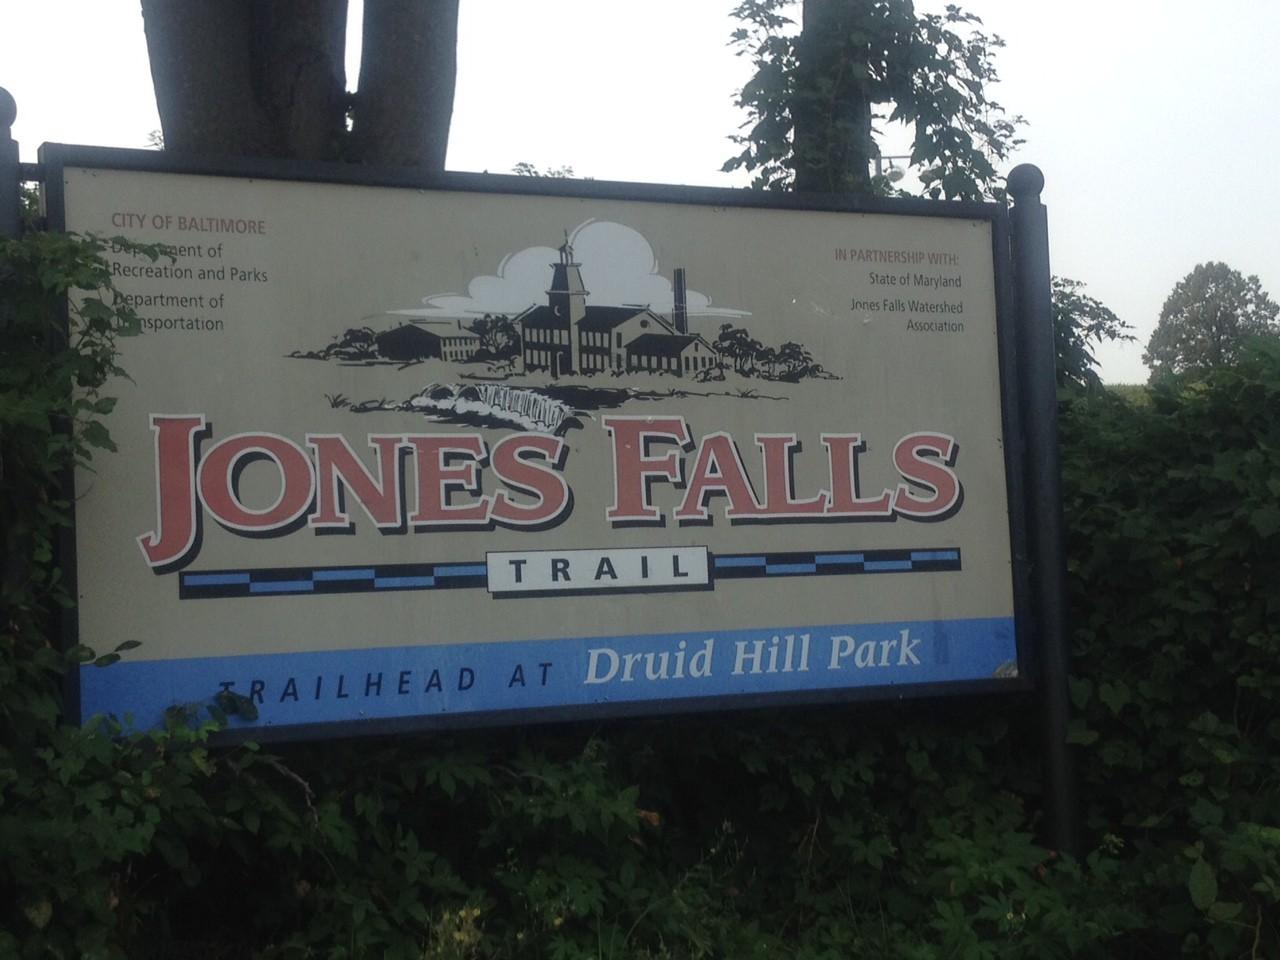 Marc Jones Falls Trail